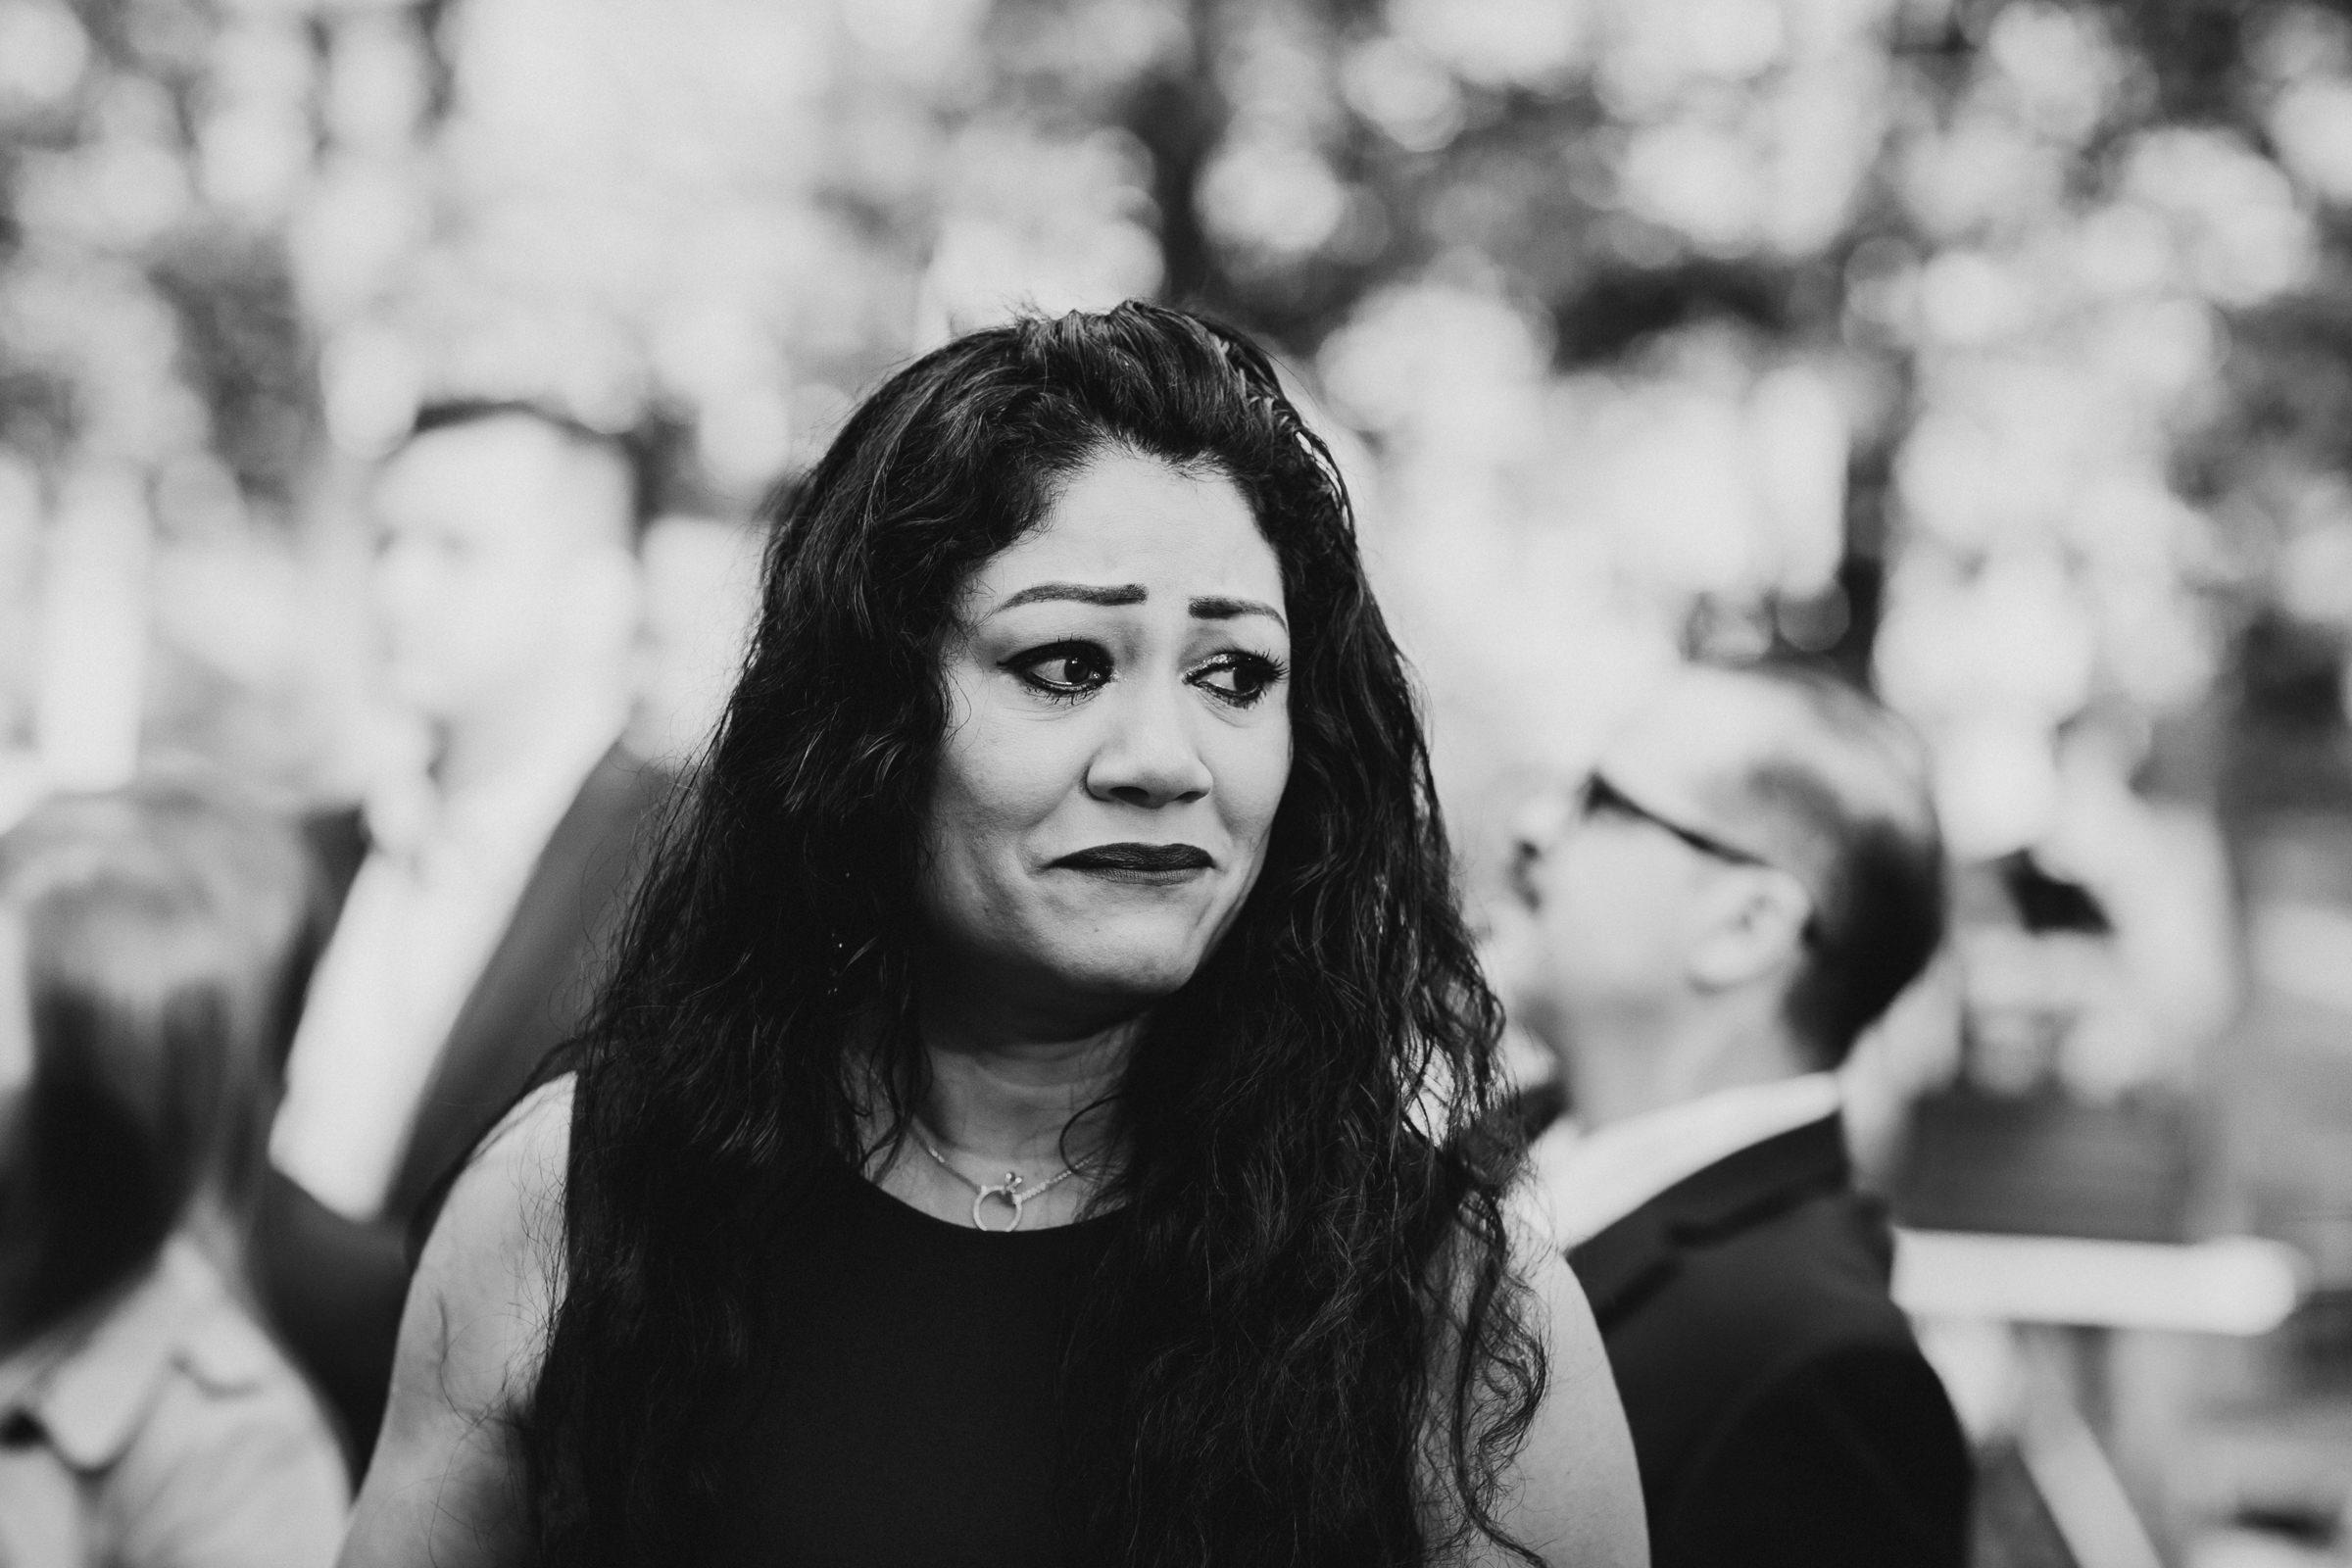 Arrow-Park-Monroe-NY-Documentary-Wedding-Photographer-48.jpg